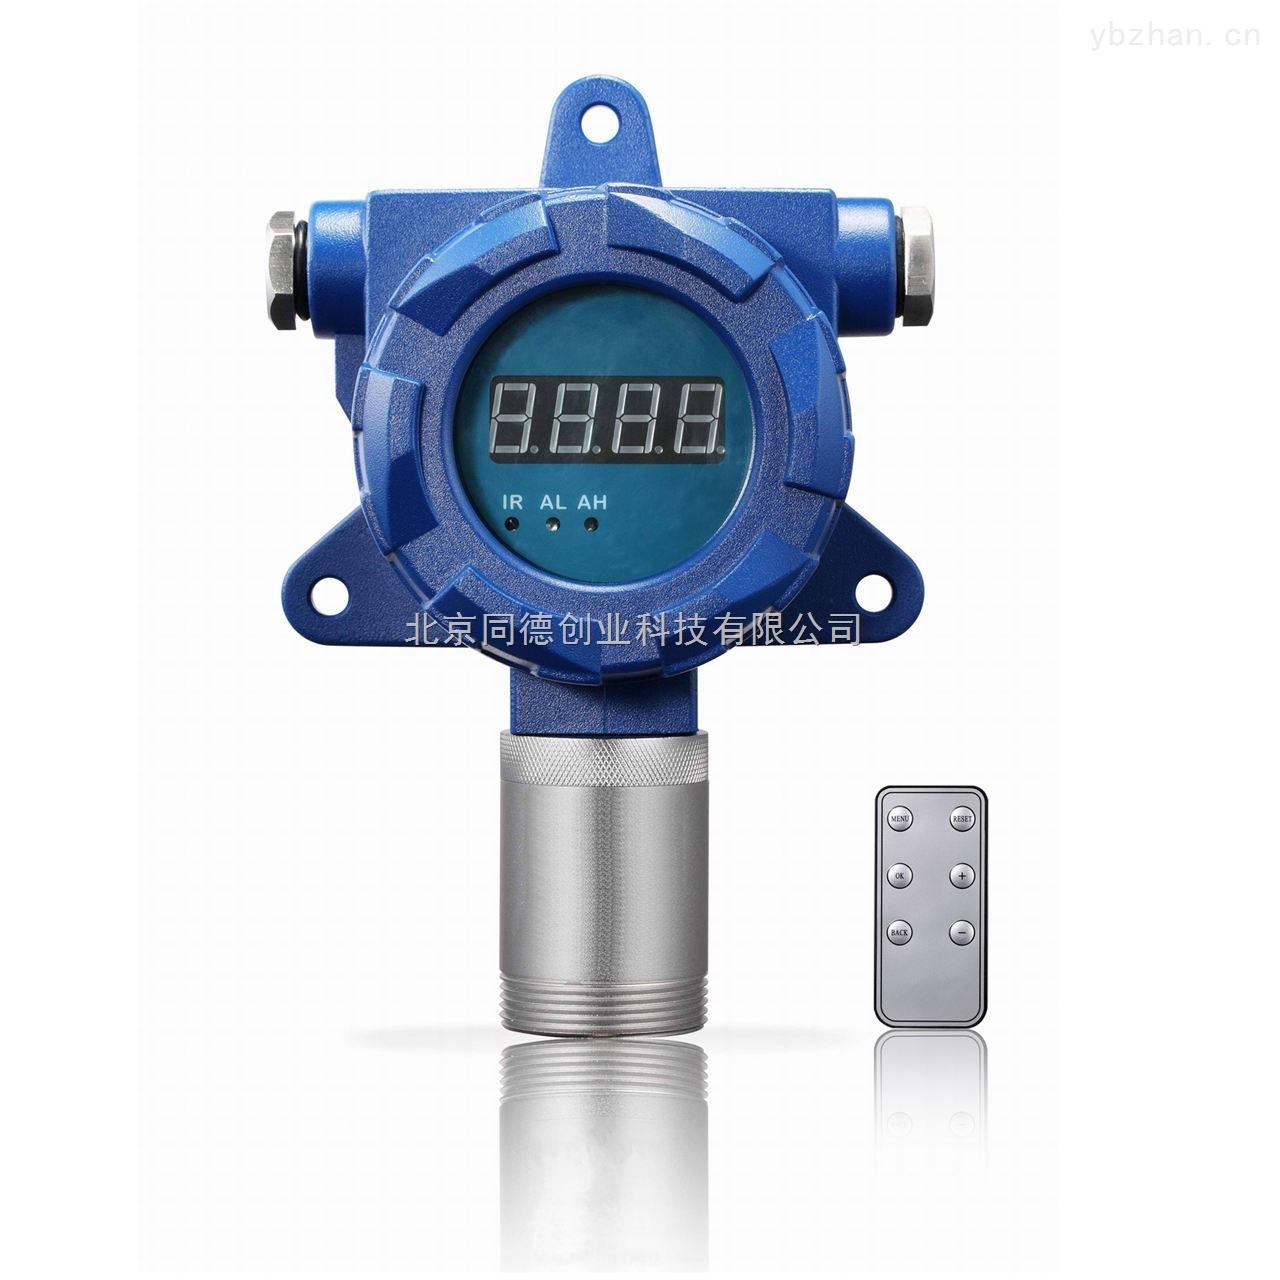 固定式硫化氢检测仪/在线硫化氢气体检测仪